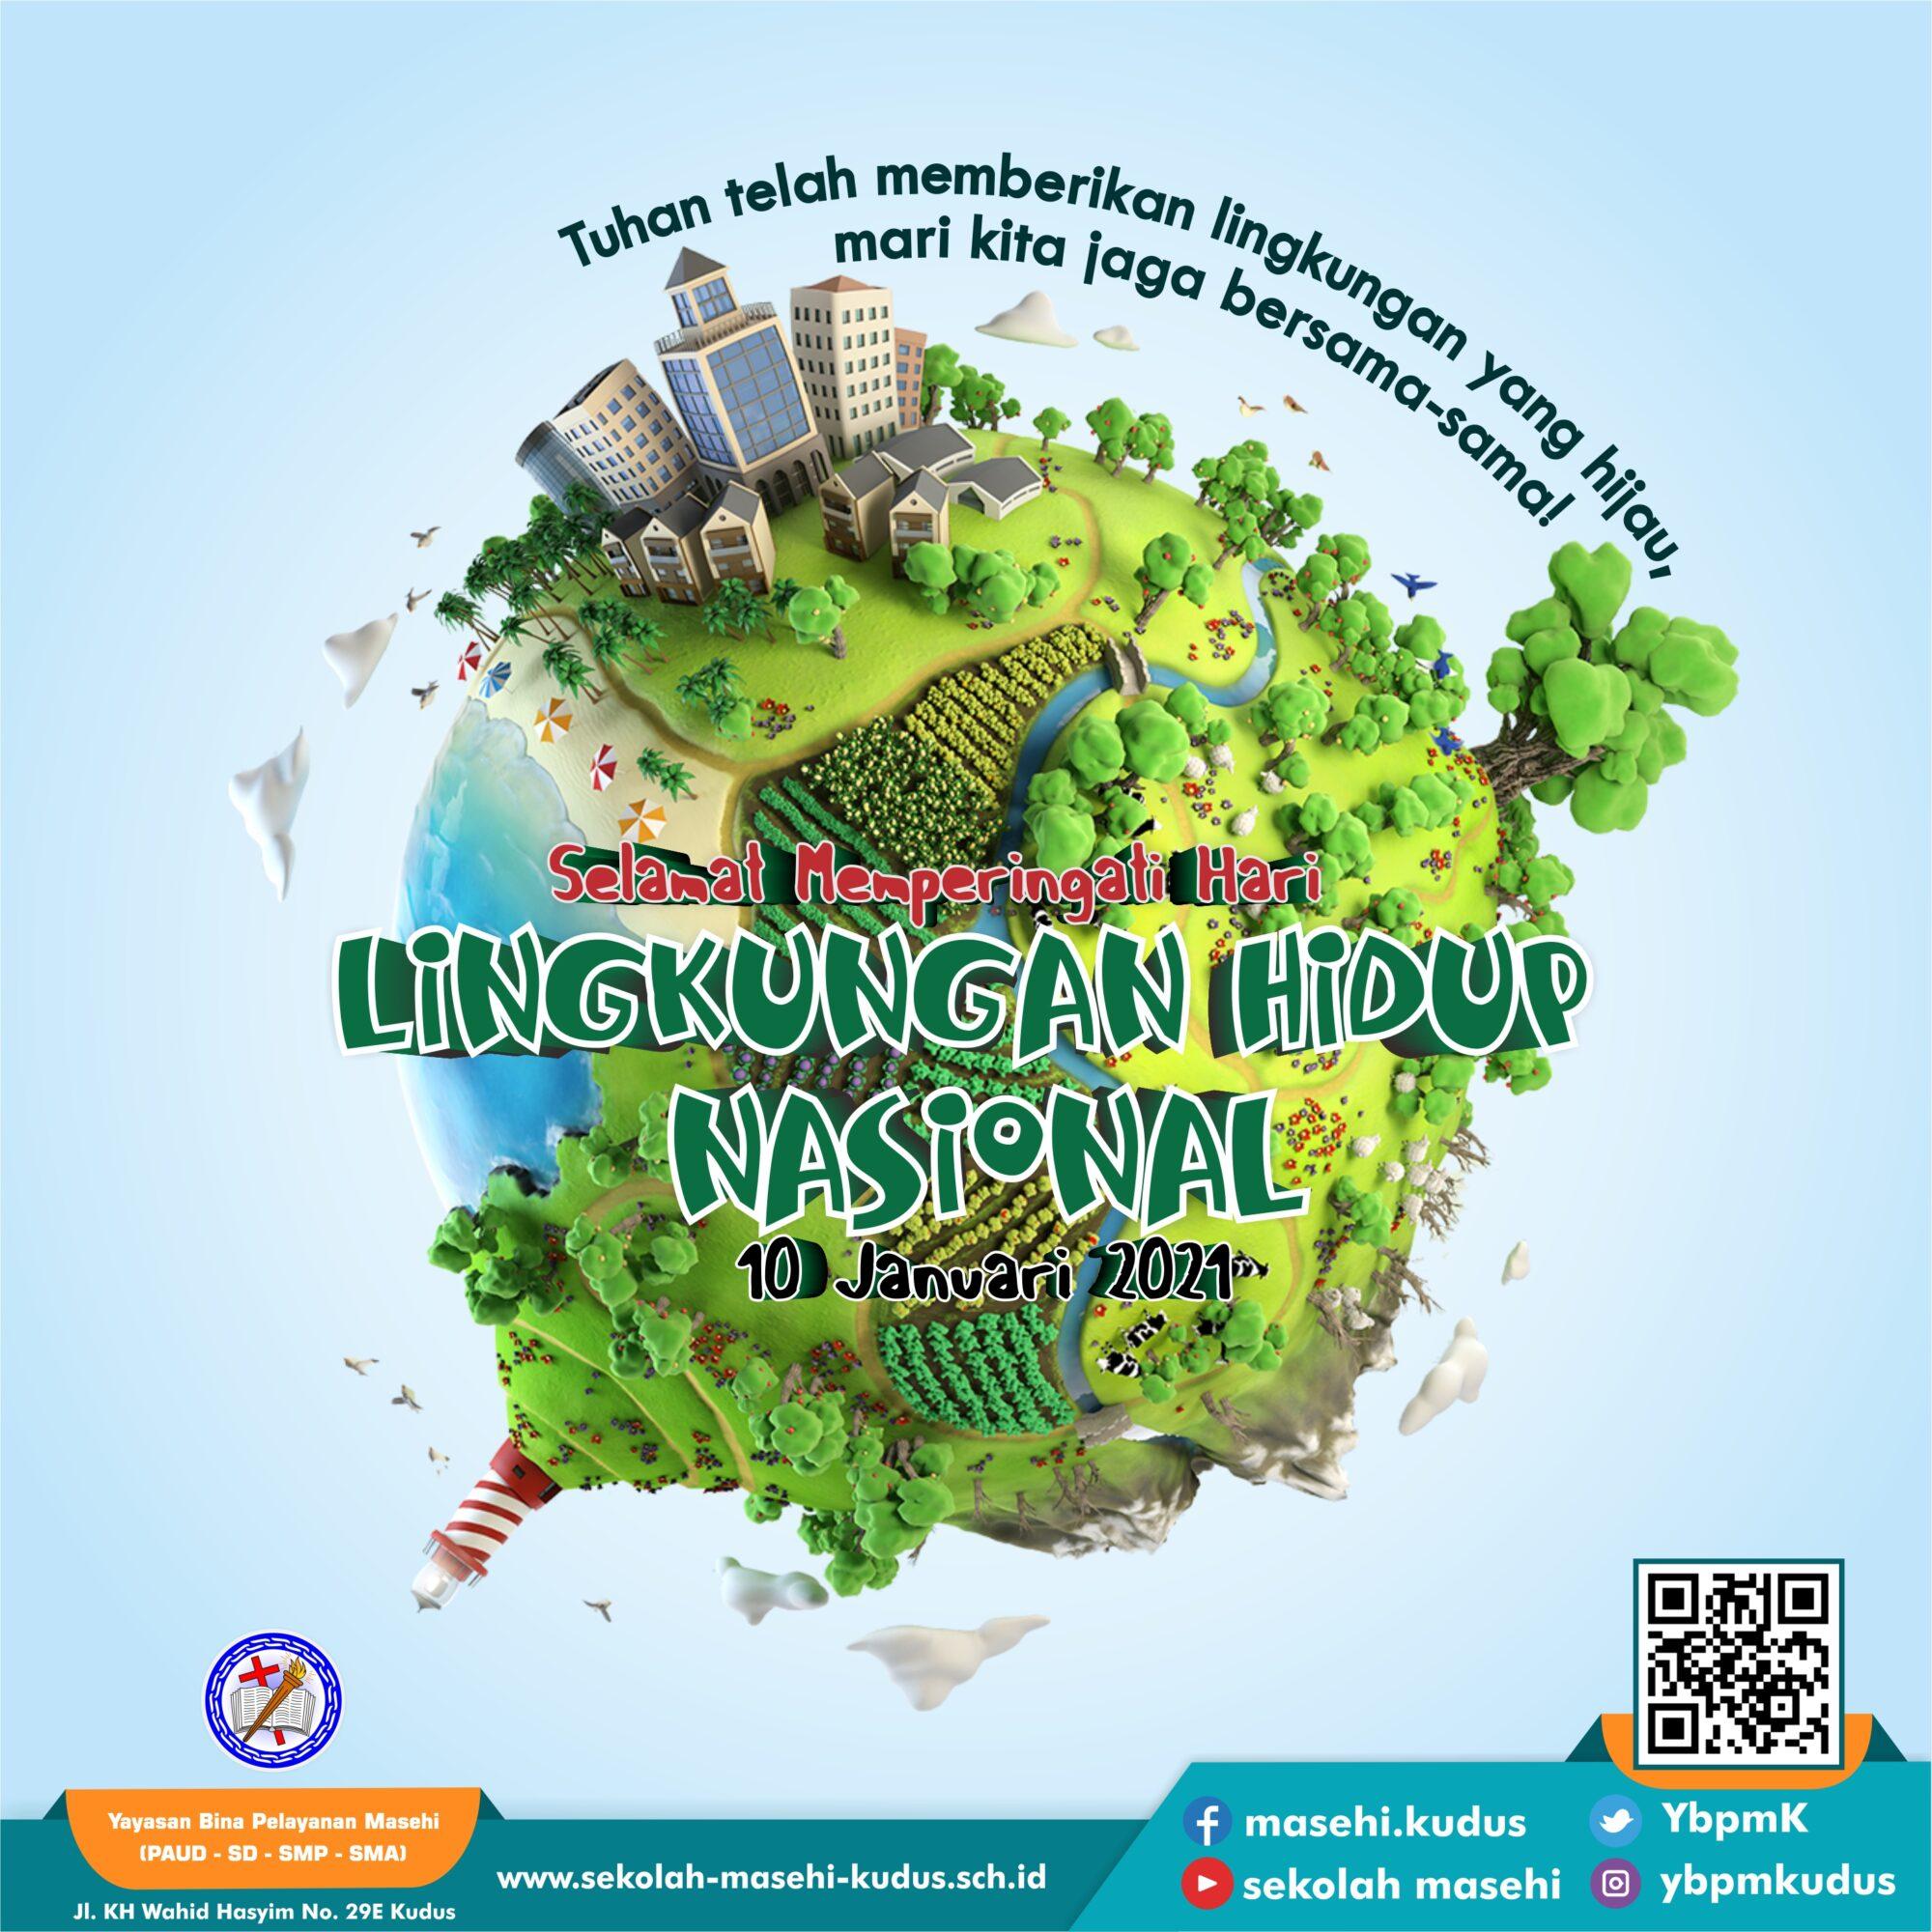 Selamat Hari Lingkungan Hidup Nasional